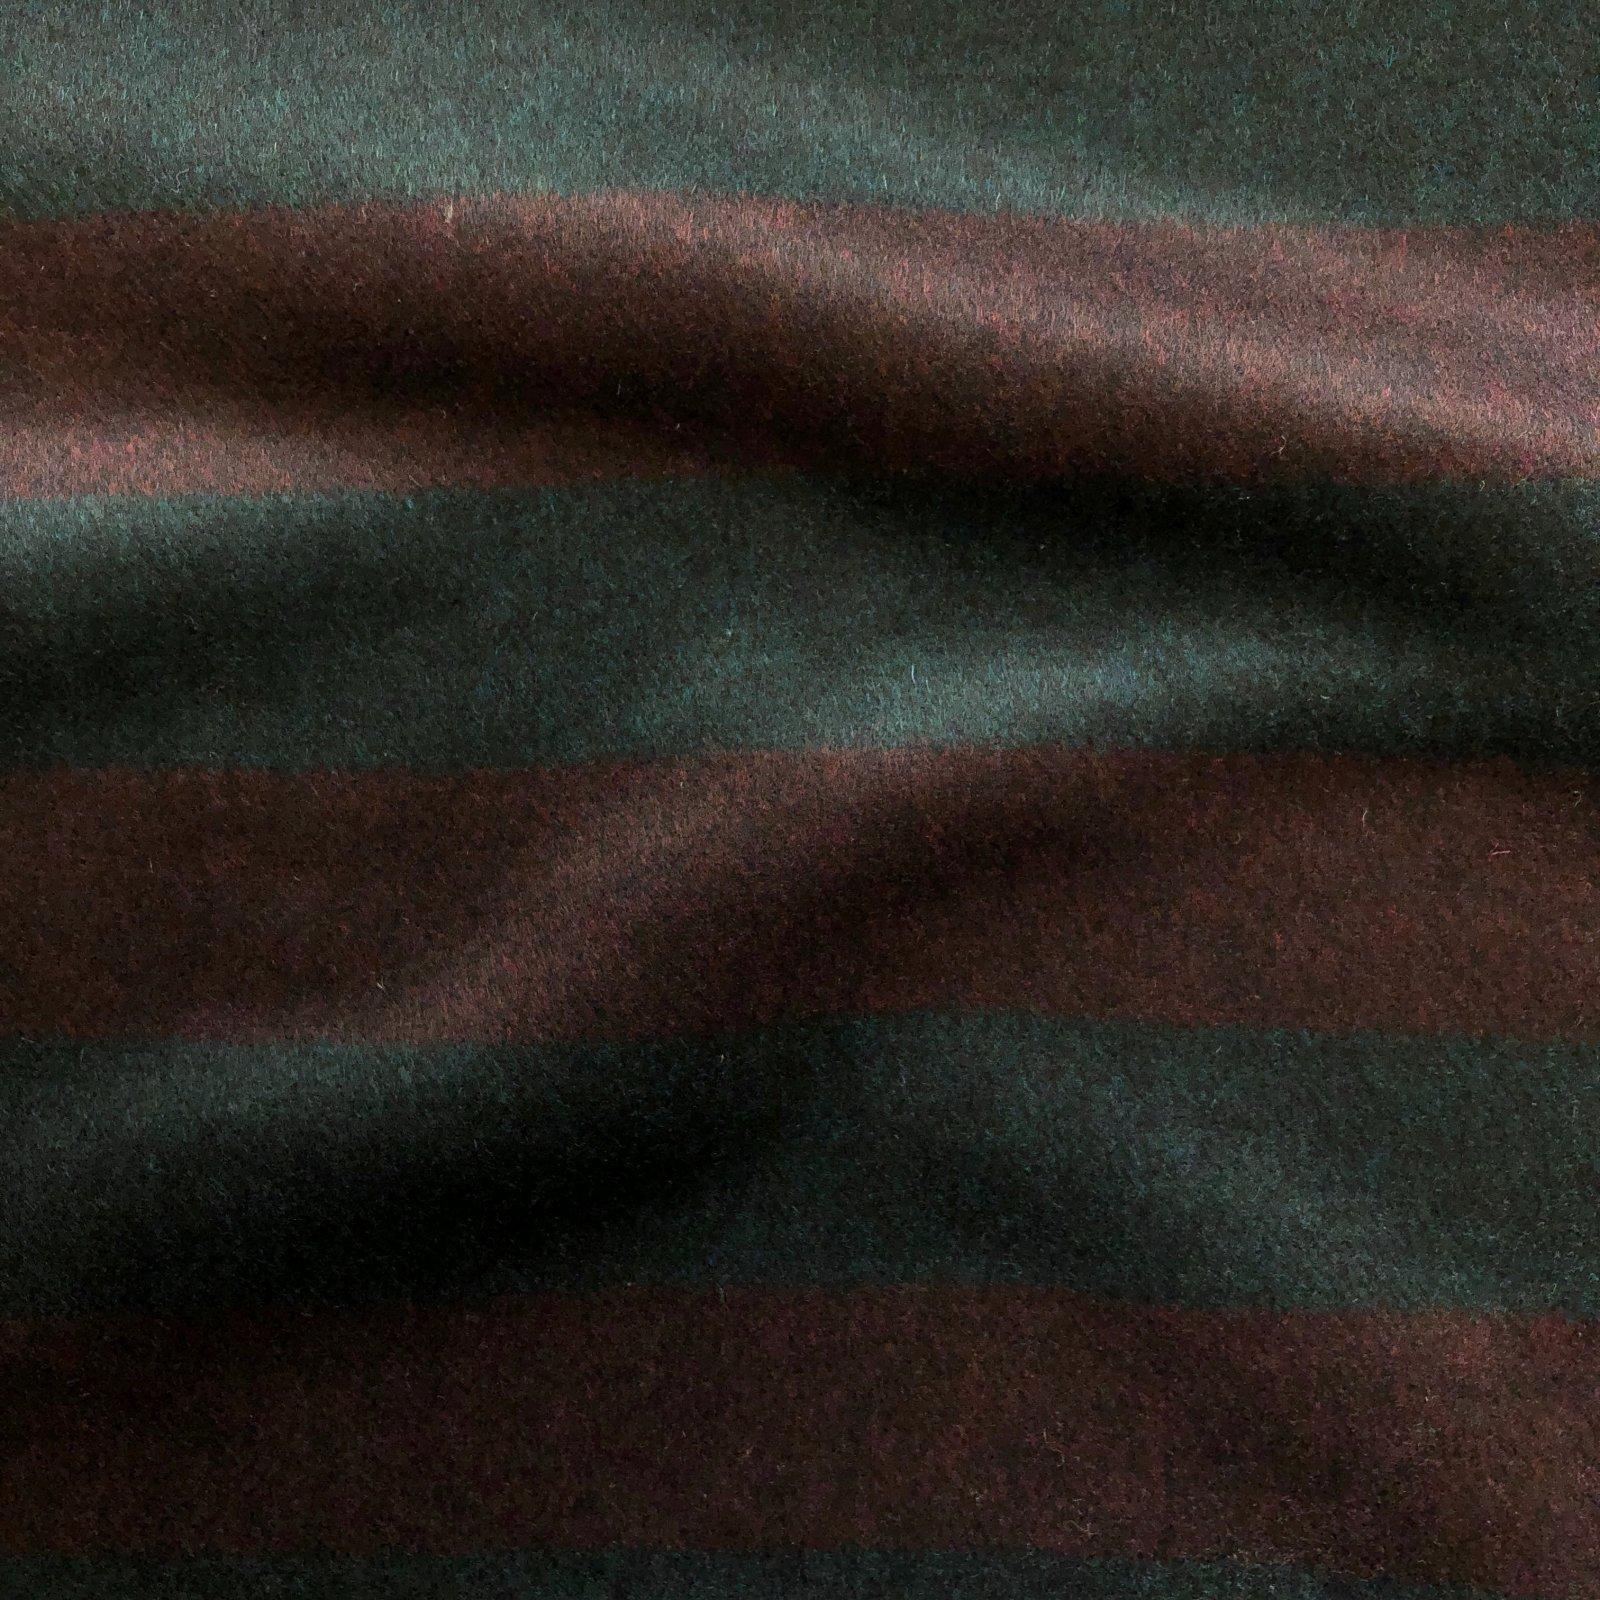 Designer Wool Coating - Maroon/Dark Peacock Stripe